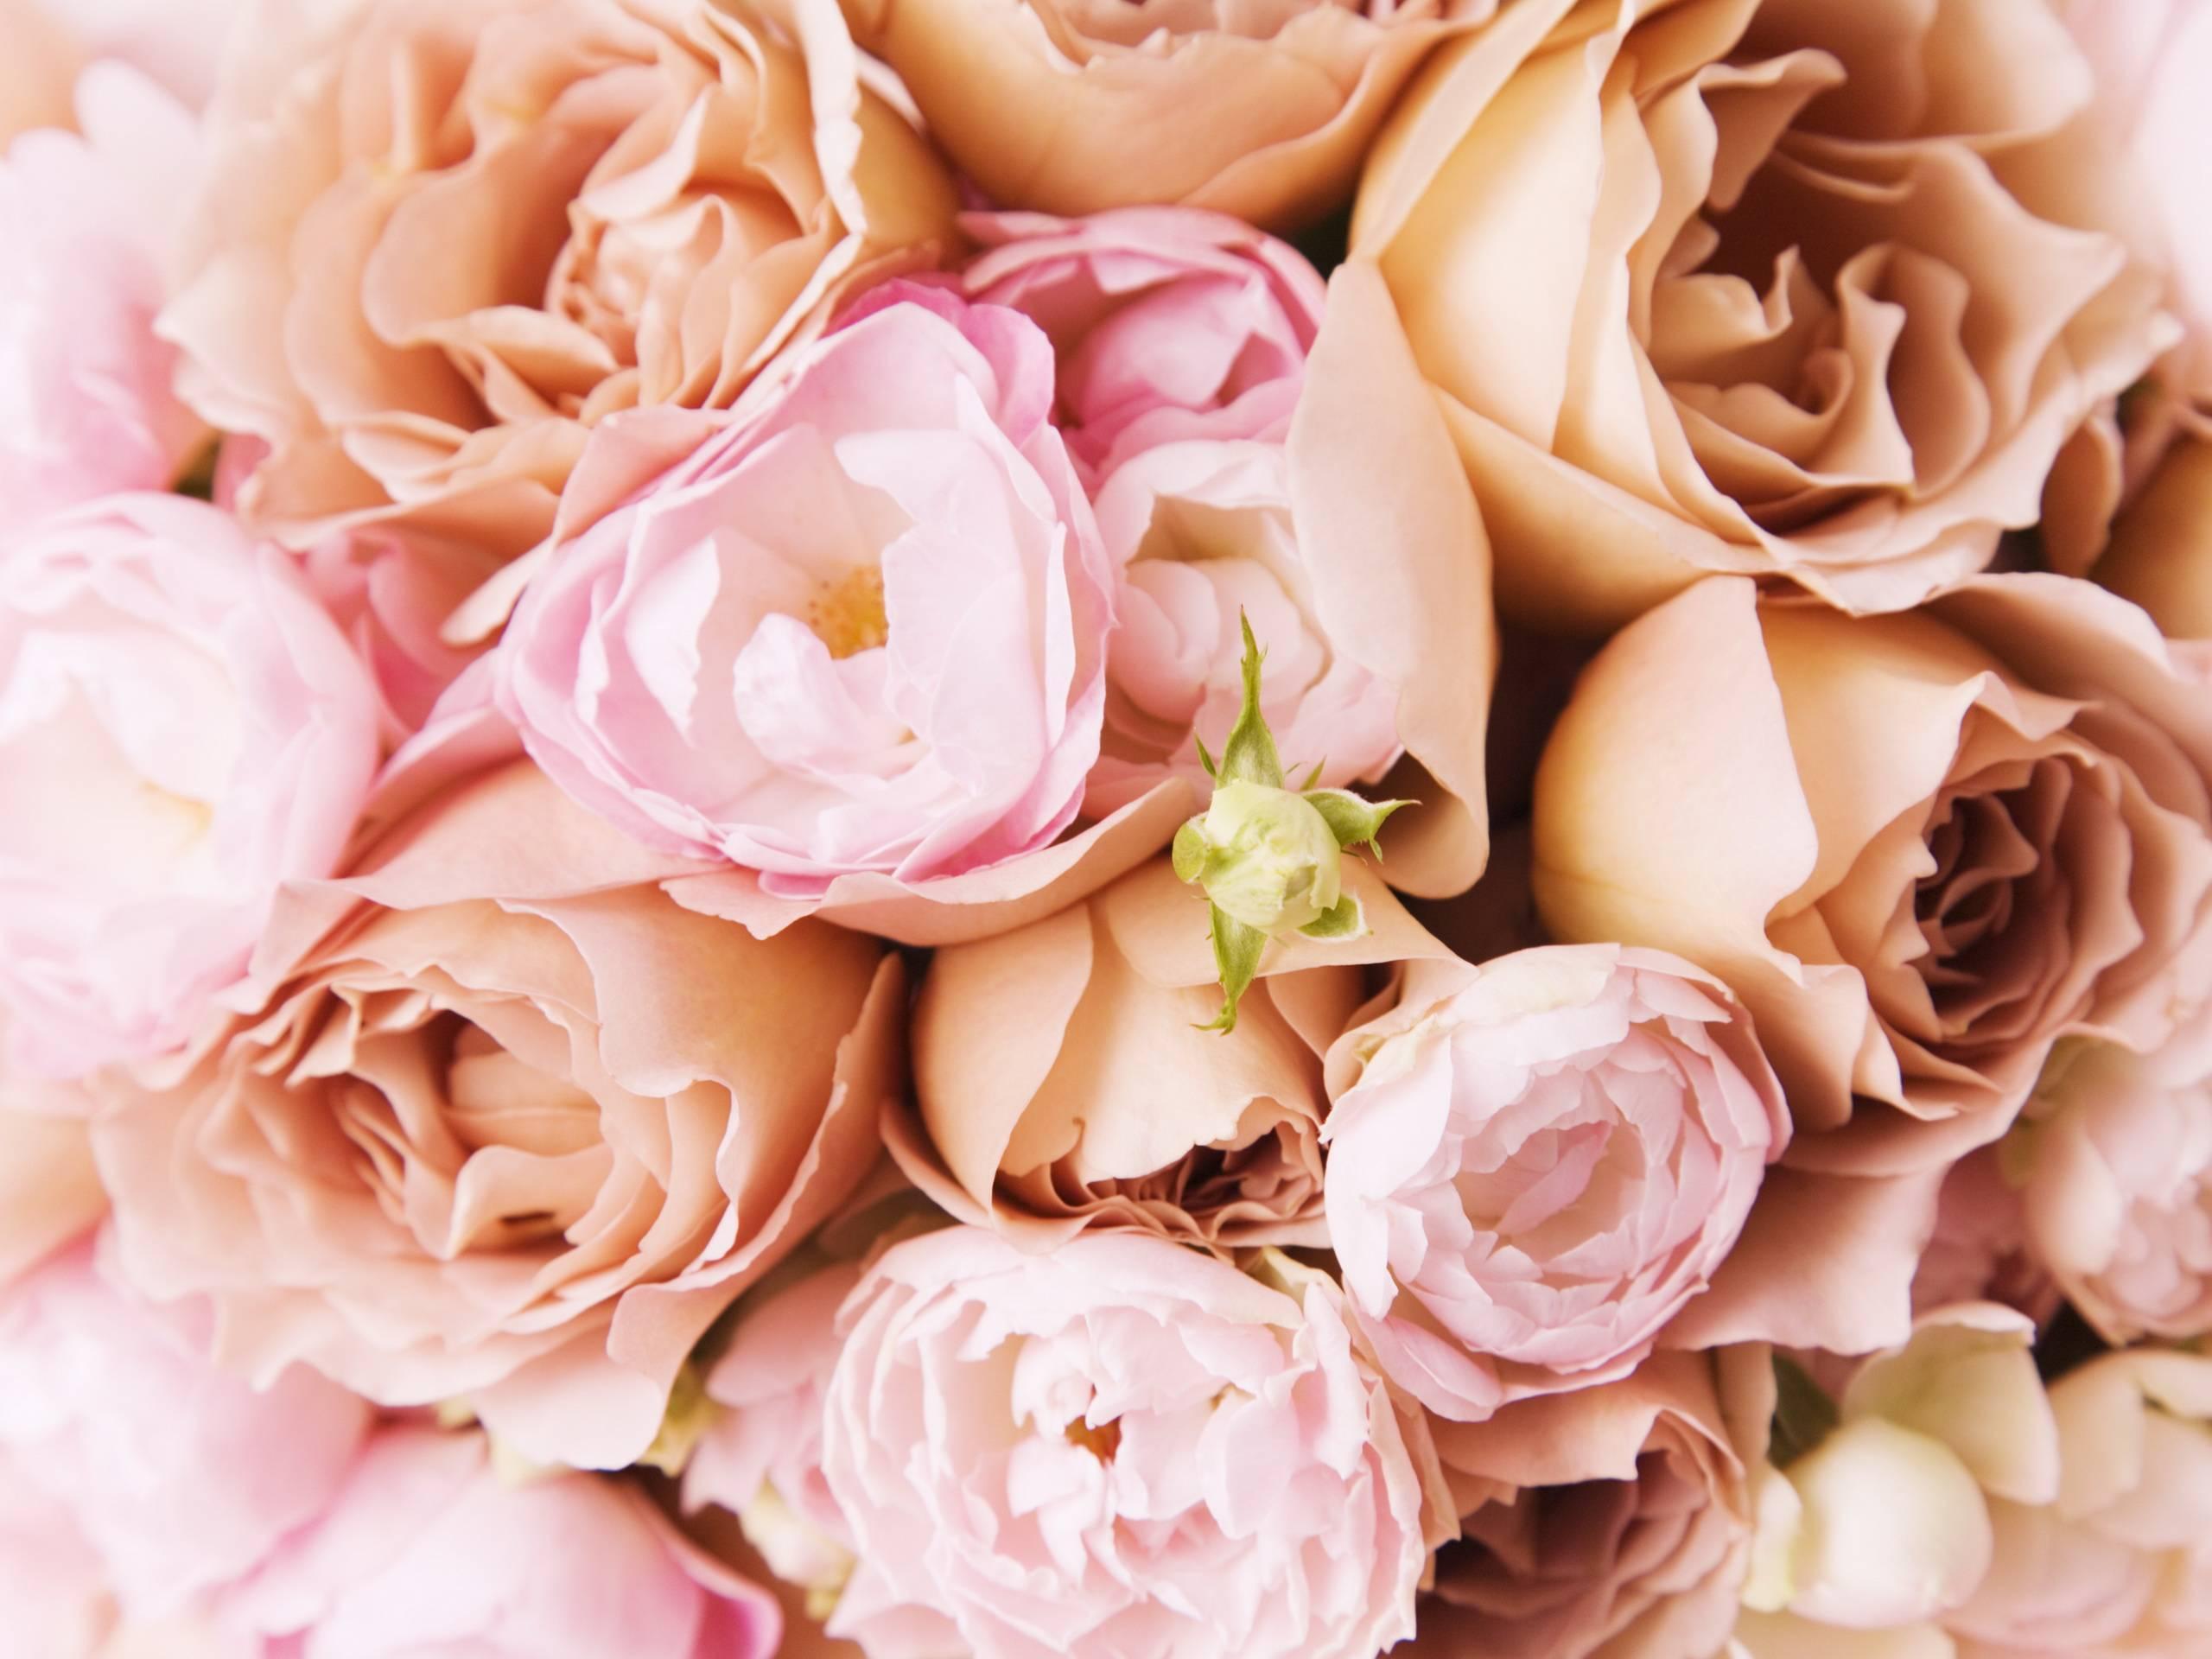 нежно-кремовые свадебные розы  № 1323035 бесплатно